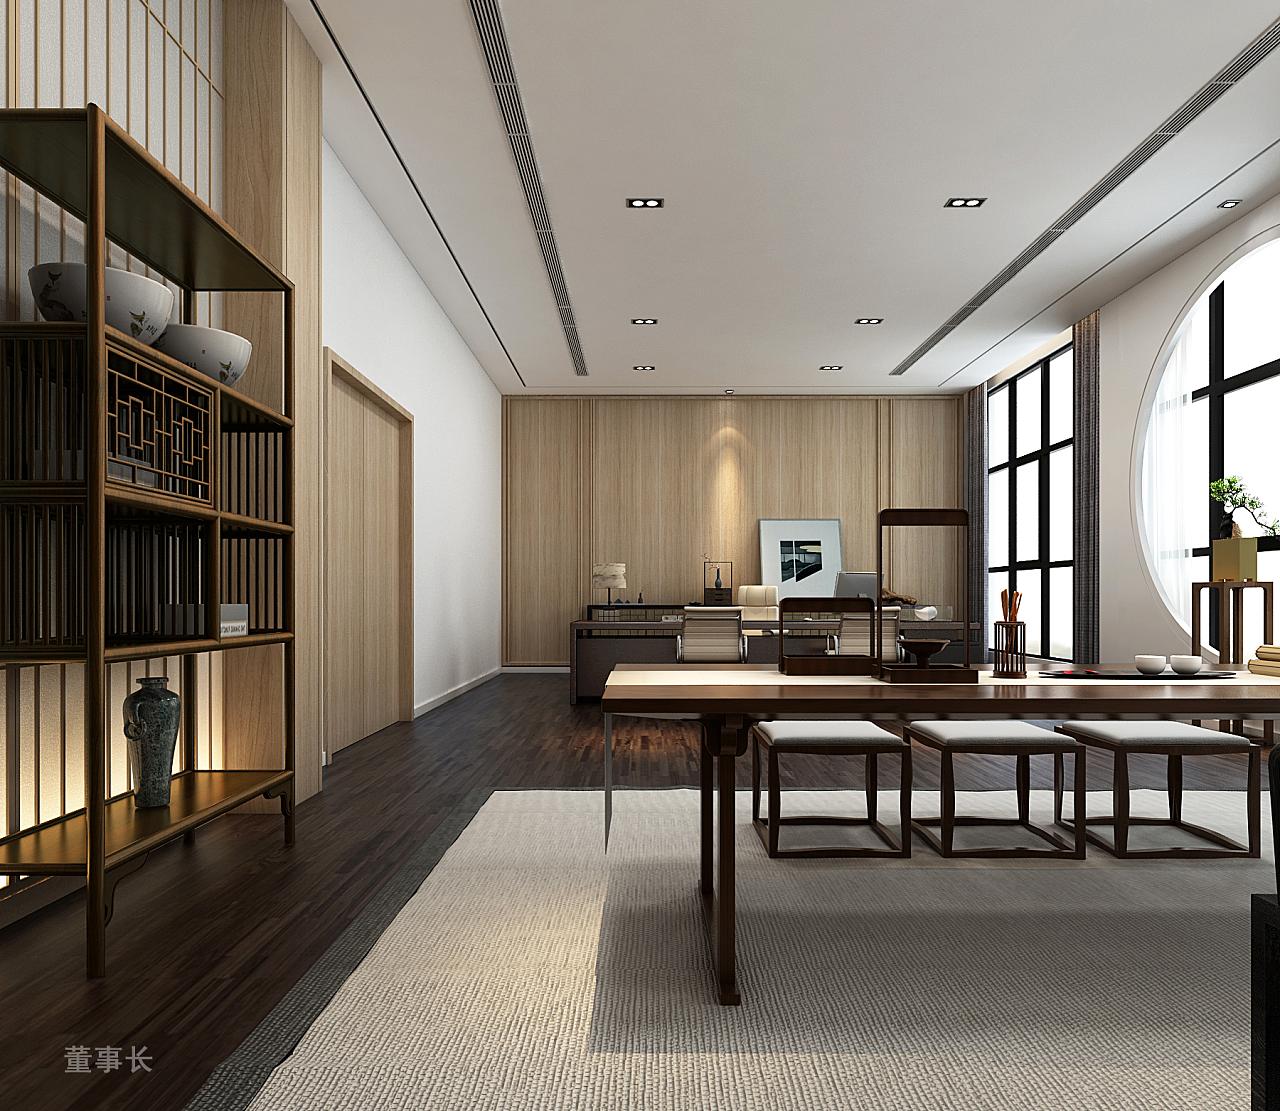 总经理室,因为经理个人比较喜欢中式的风格,所以总经理室单独带点中式图片